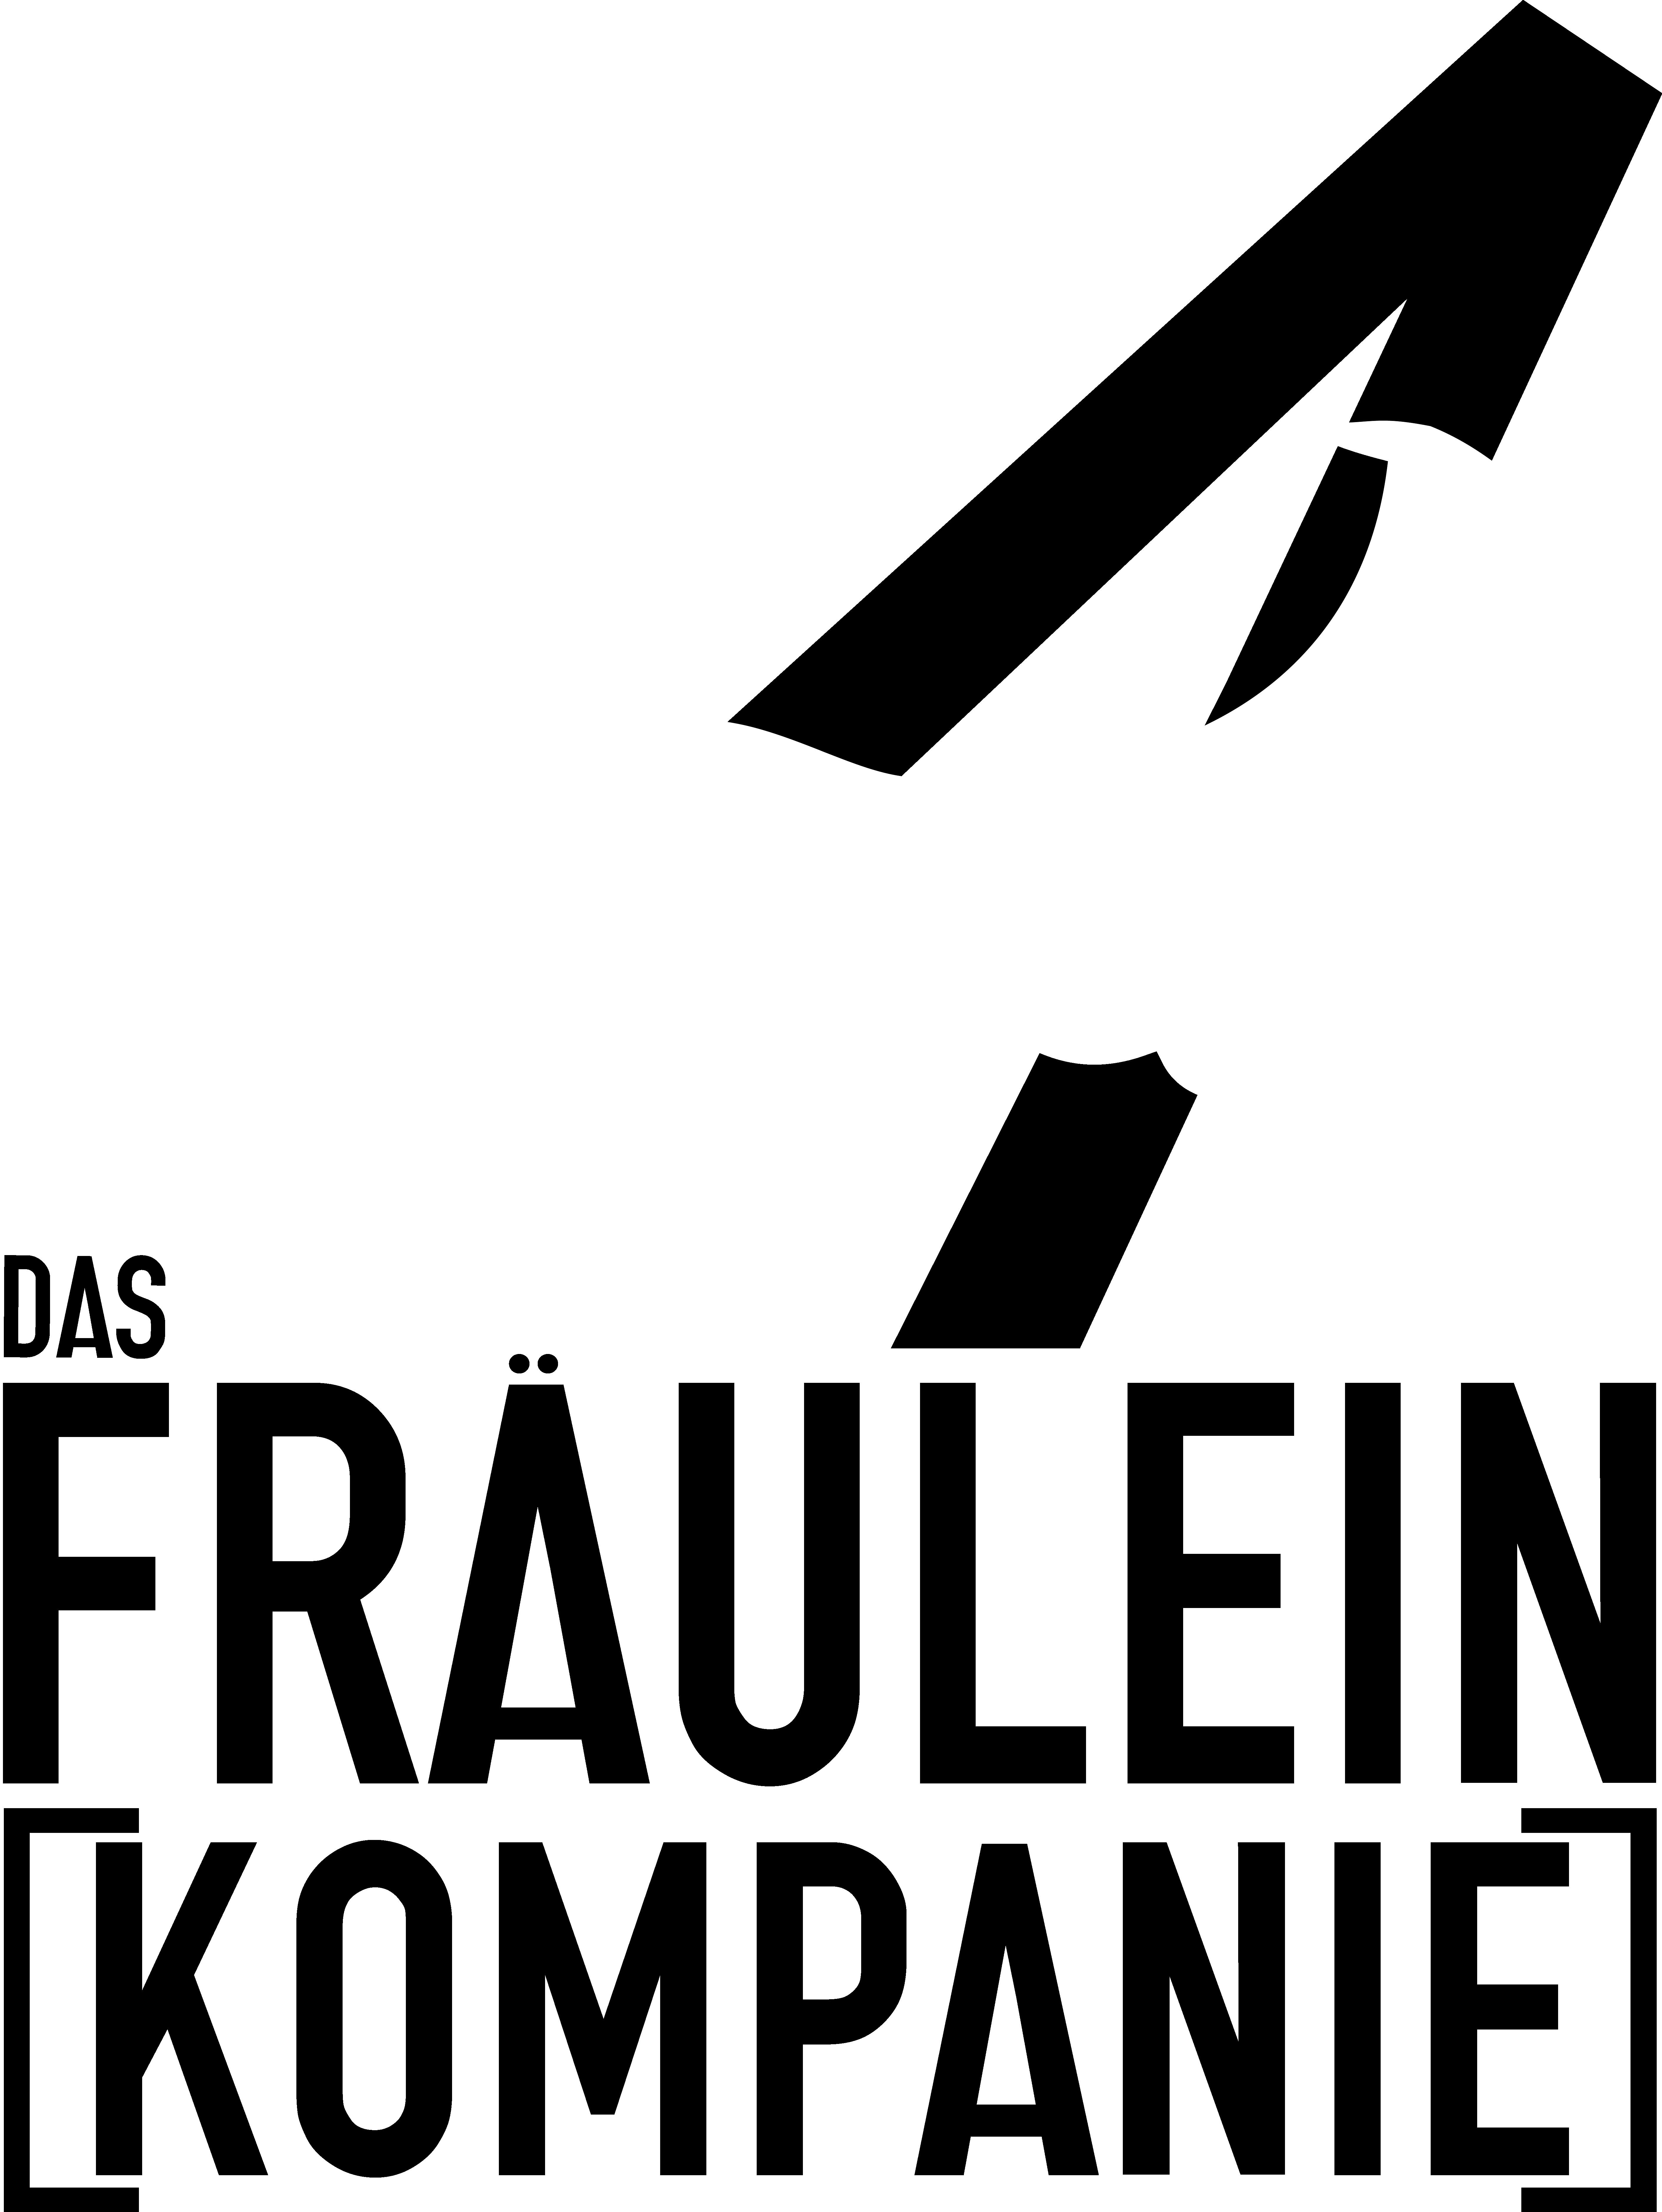 Das Fraulein Kompanie Logo